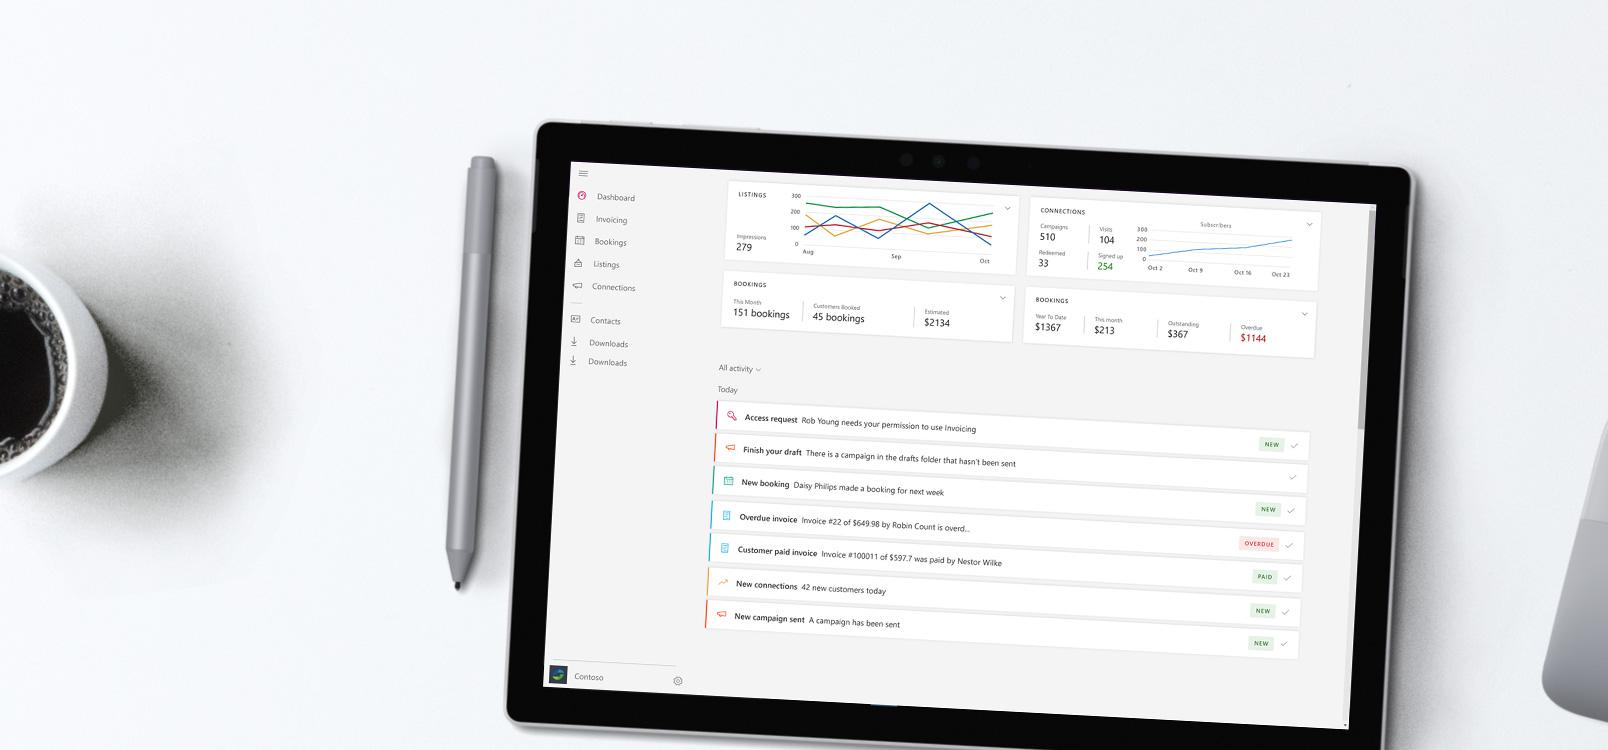 Máy tính xách tay hiển thị Trung tâm Office 365 Business